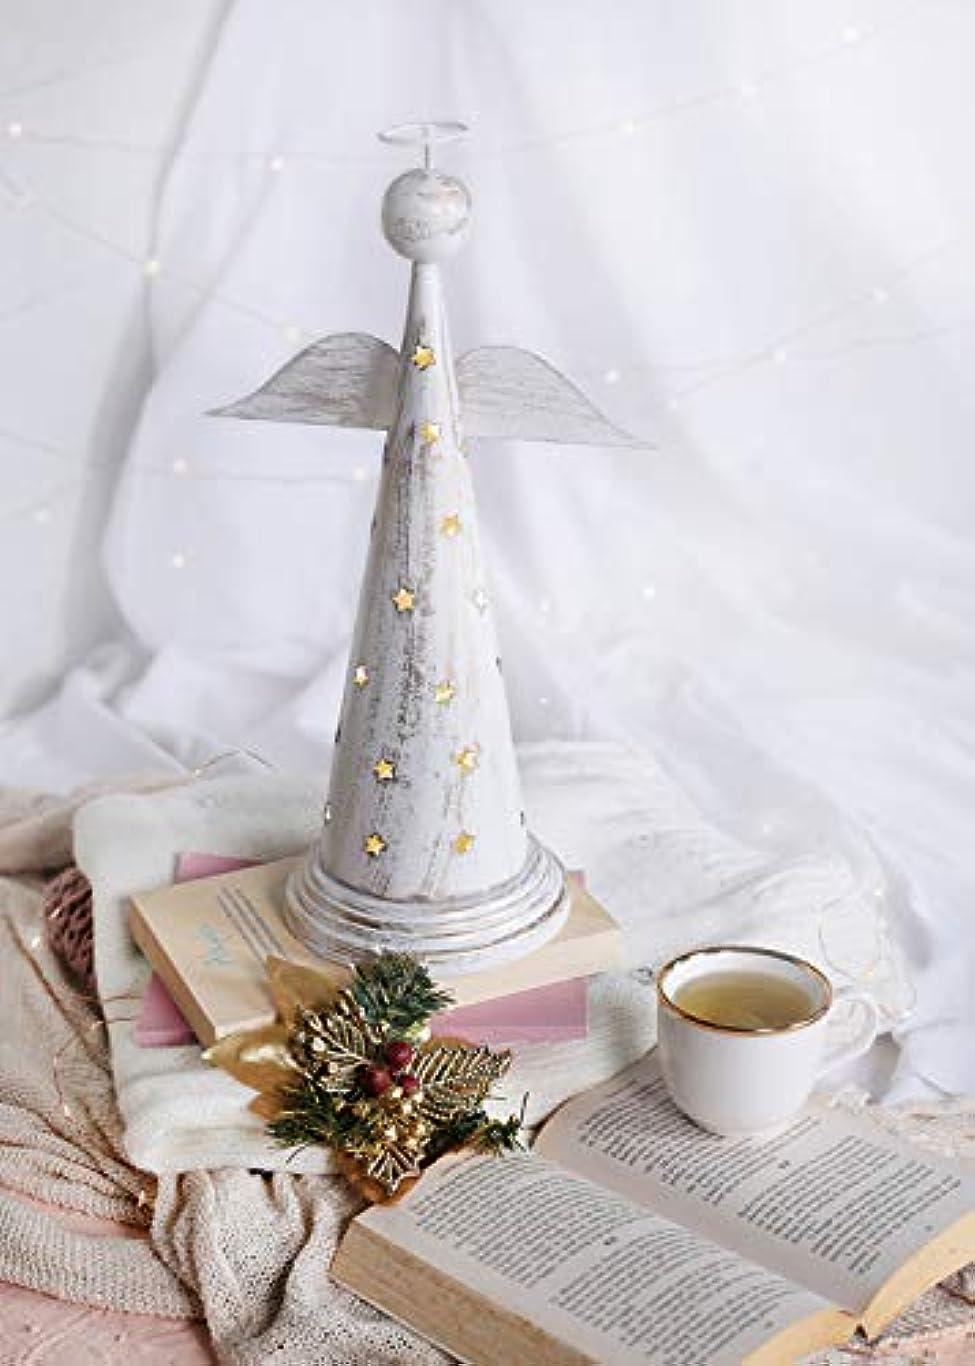 石管理者段階storeindya 感謝祭ギフト 天使の形をした金属製お香塔 クリスマス ホームデコレーション アクセサリーオーナメント 新築祝いのギフトに最適